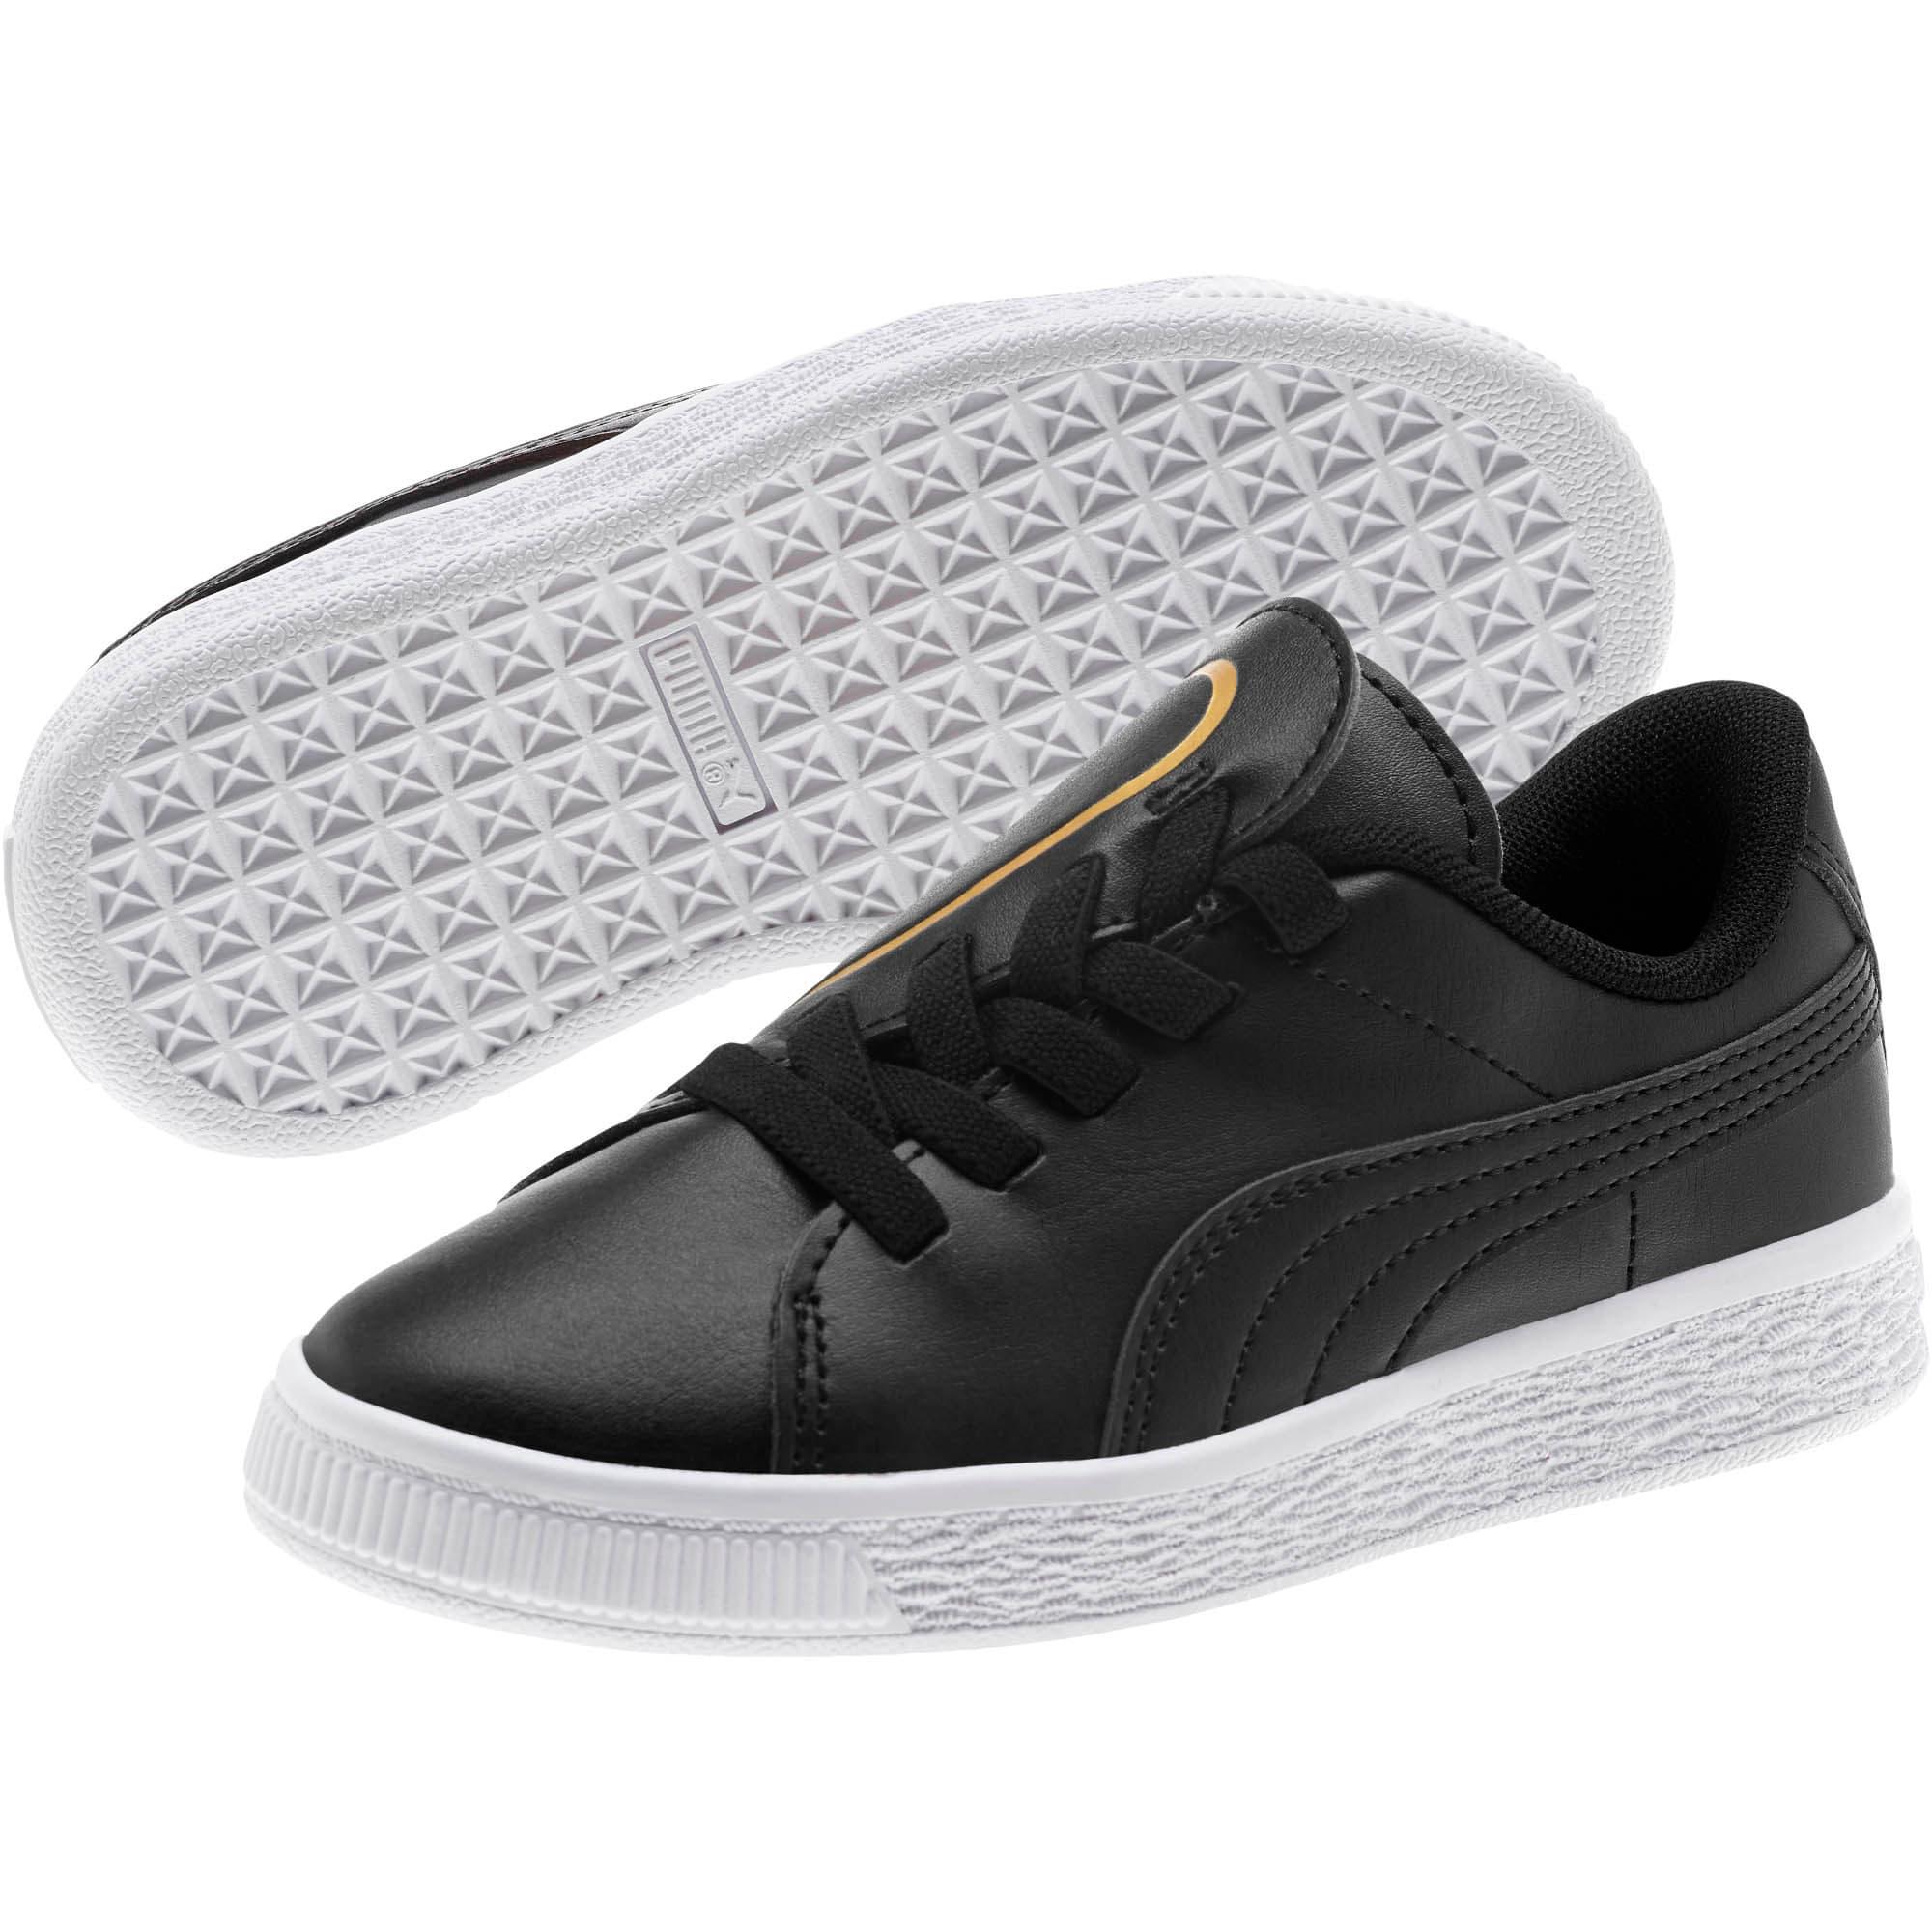 Miniatura 2 de Zapatos Basket Crush AC para niños, Puma Black-Puma Team Gold, mediano